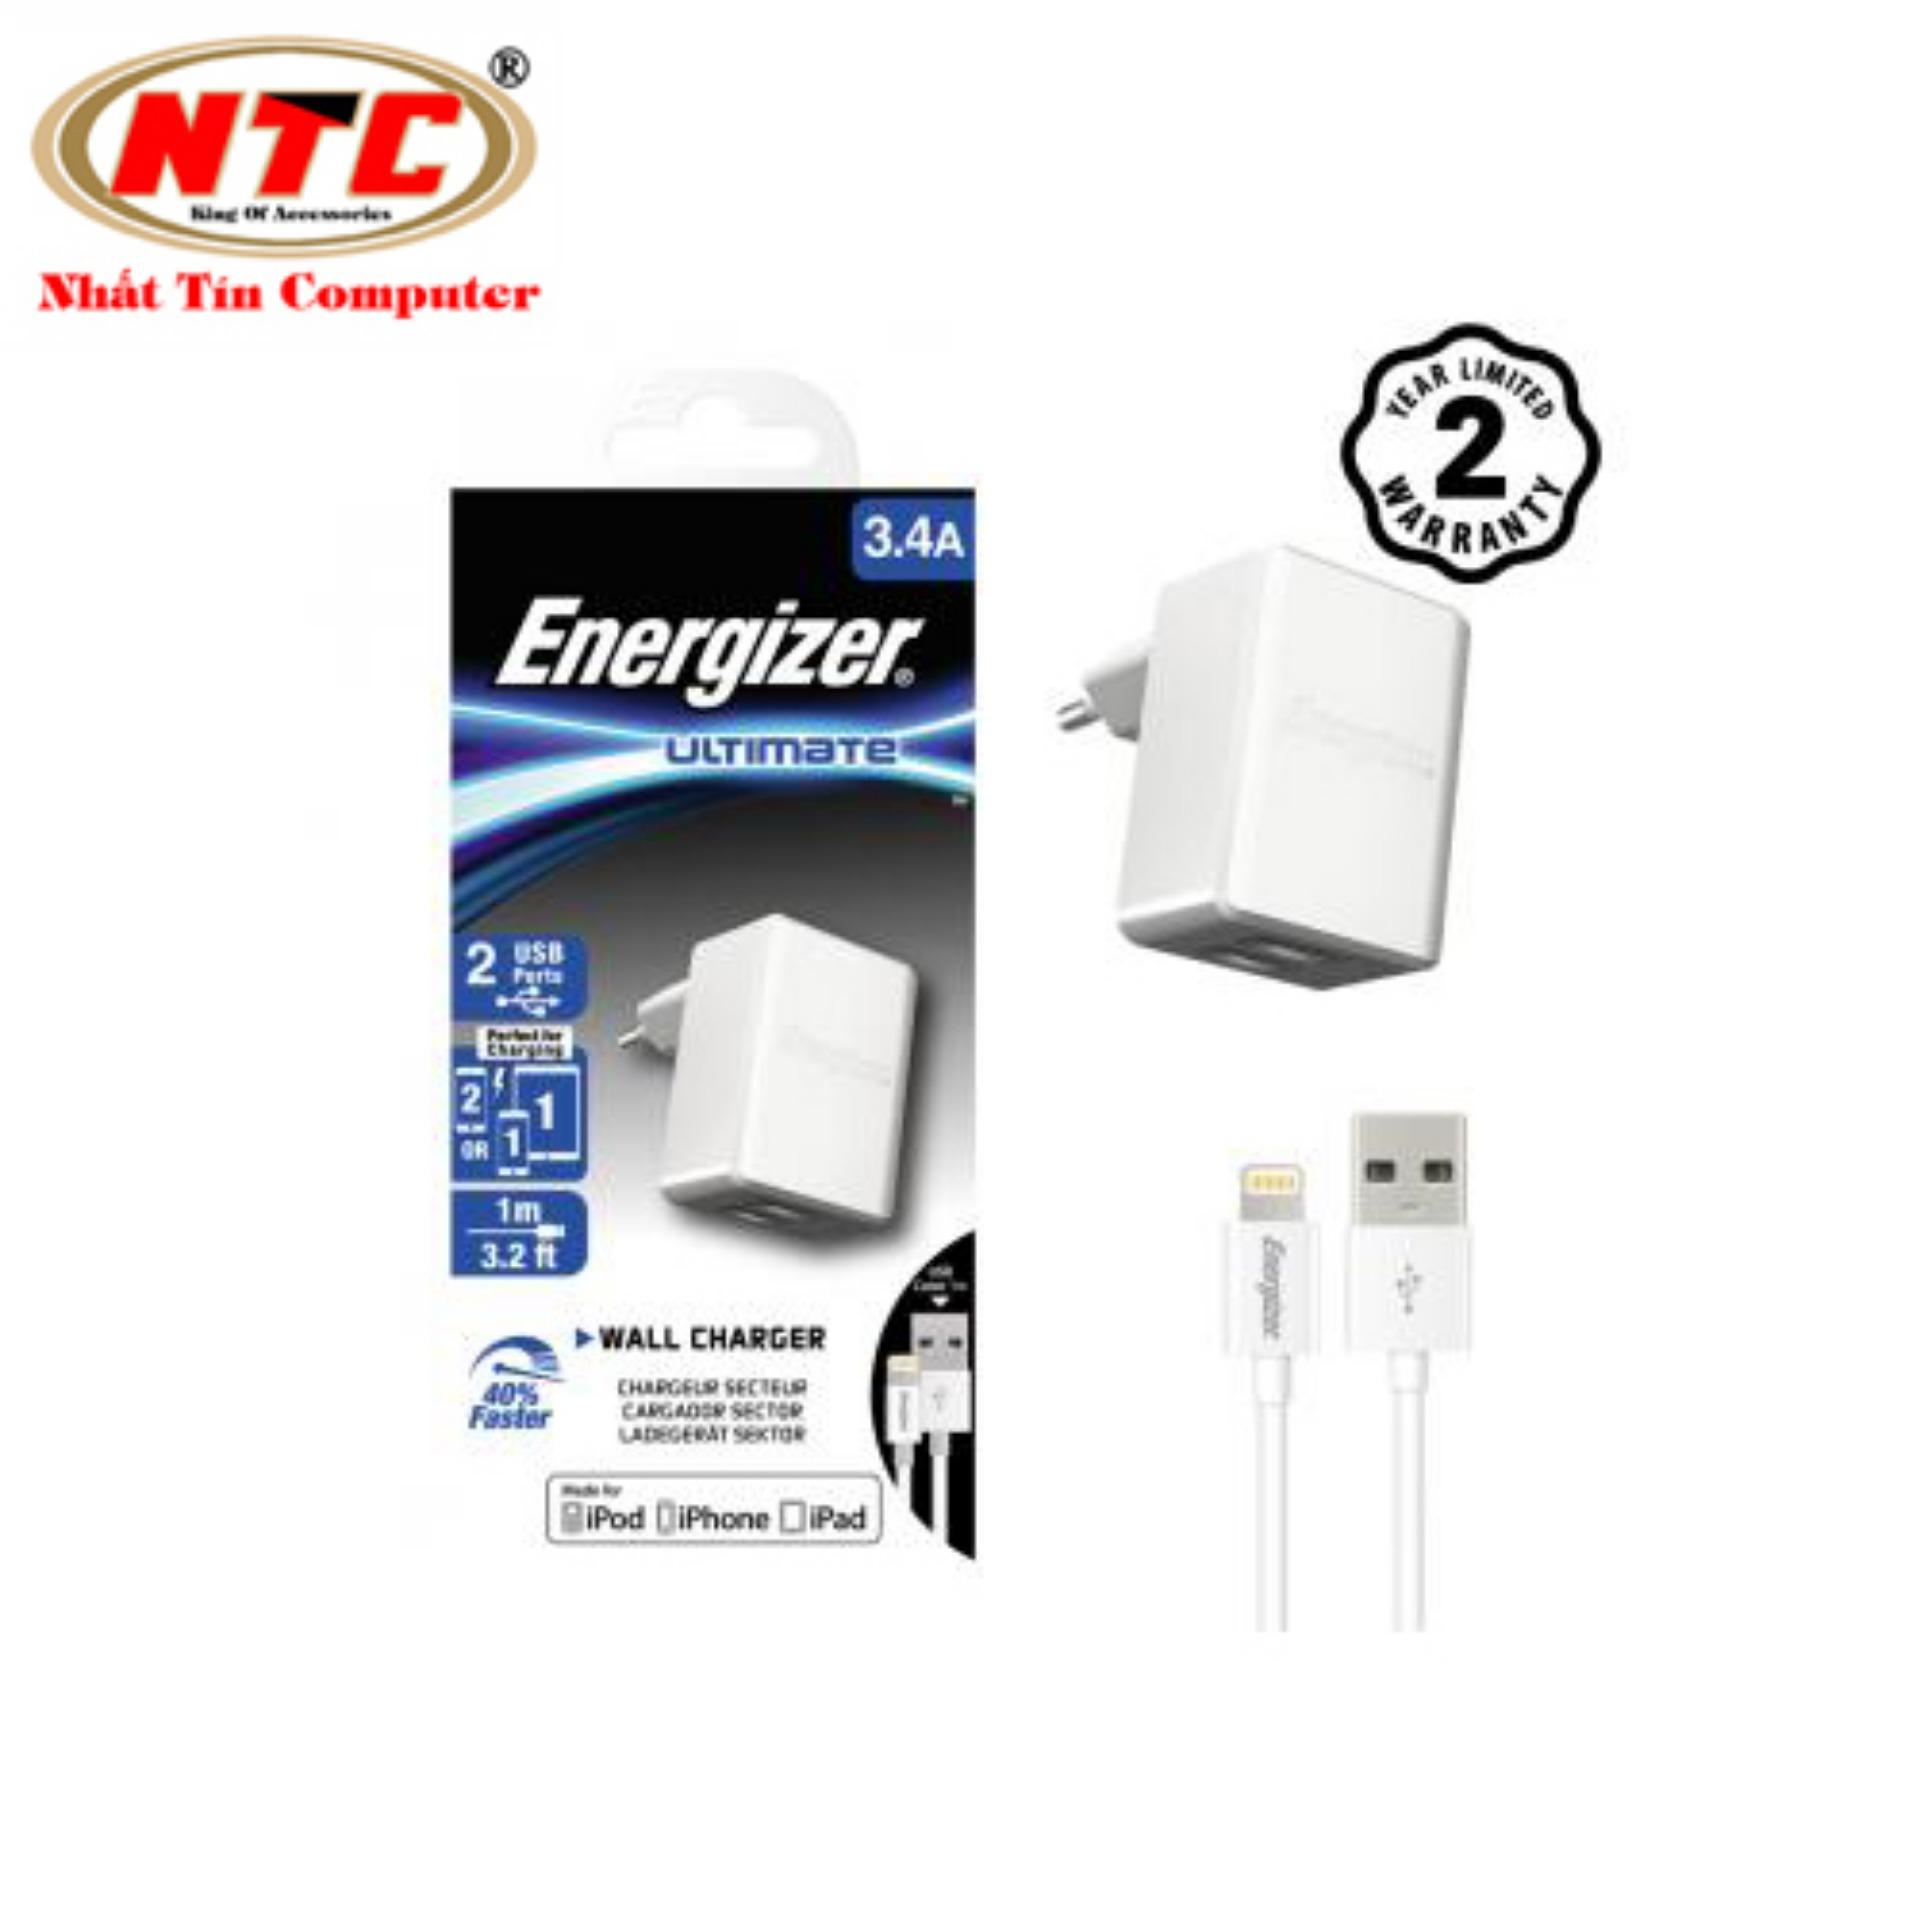 Bộ cốc cáp sạc Lightning Energizer UL 3.4A 2 cổng USB ACA2CEUULI3 (Trắng) - Hãng phân phối chính thức